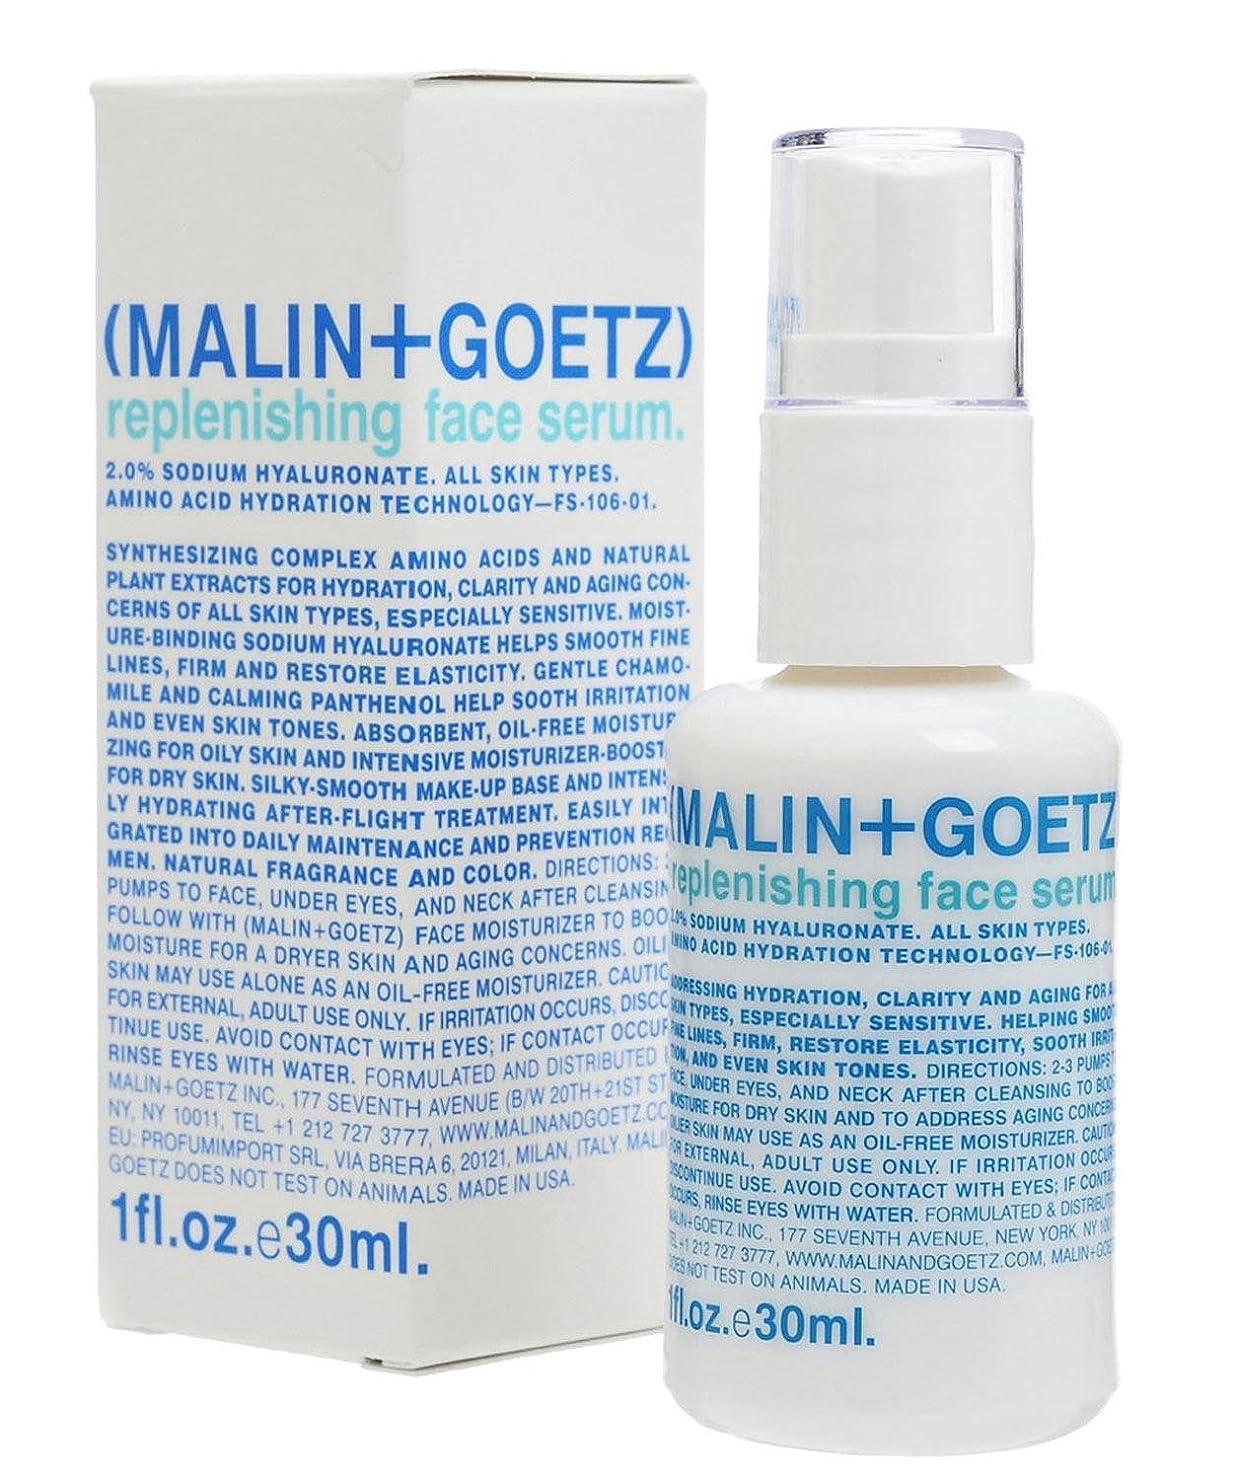 額耐久実験をするマリン+ゲッツ補充顔の血清 x4 - MALIN+GOETZ Replenishing Face Serum (Pack of 4) [並行輸入品]